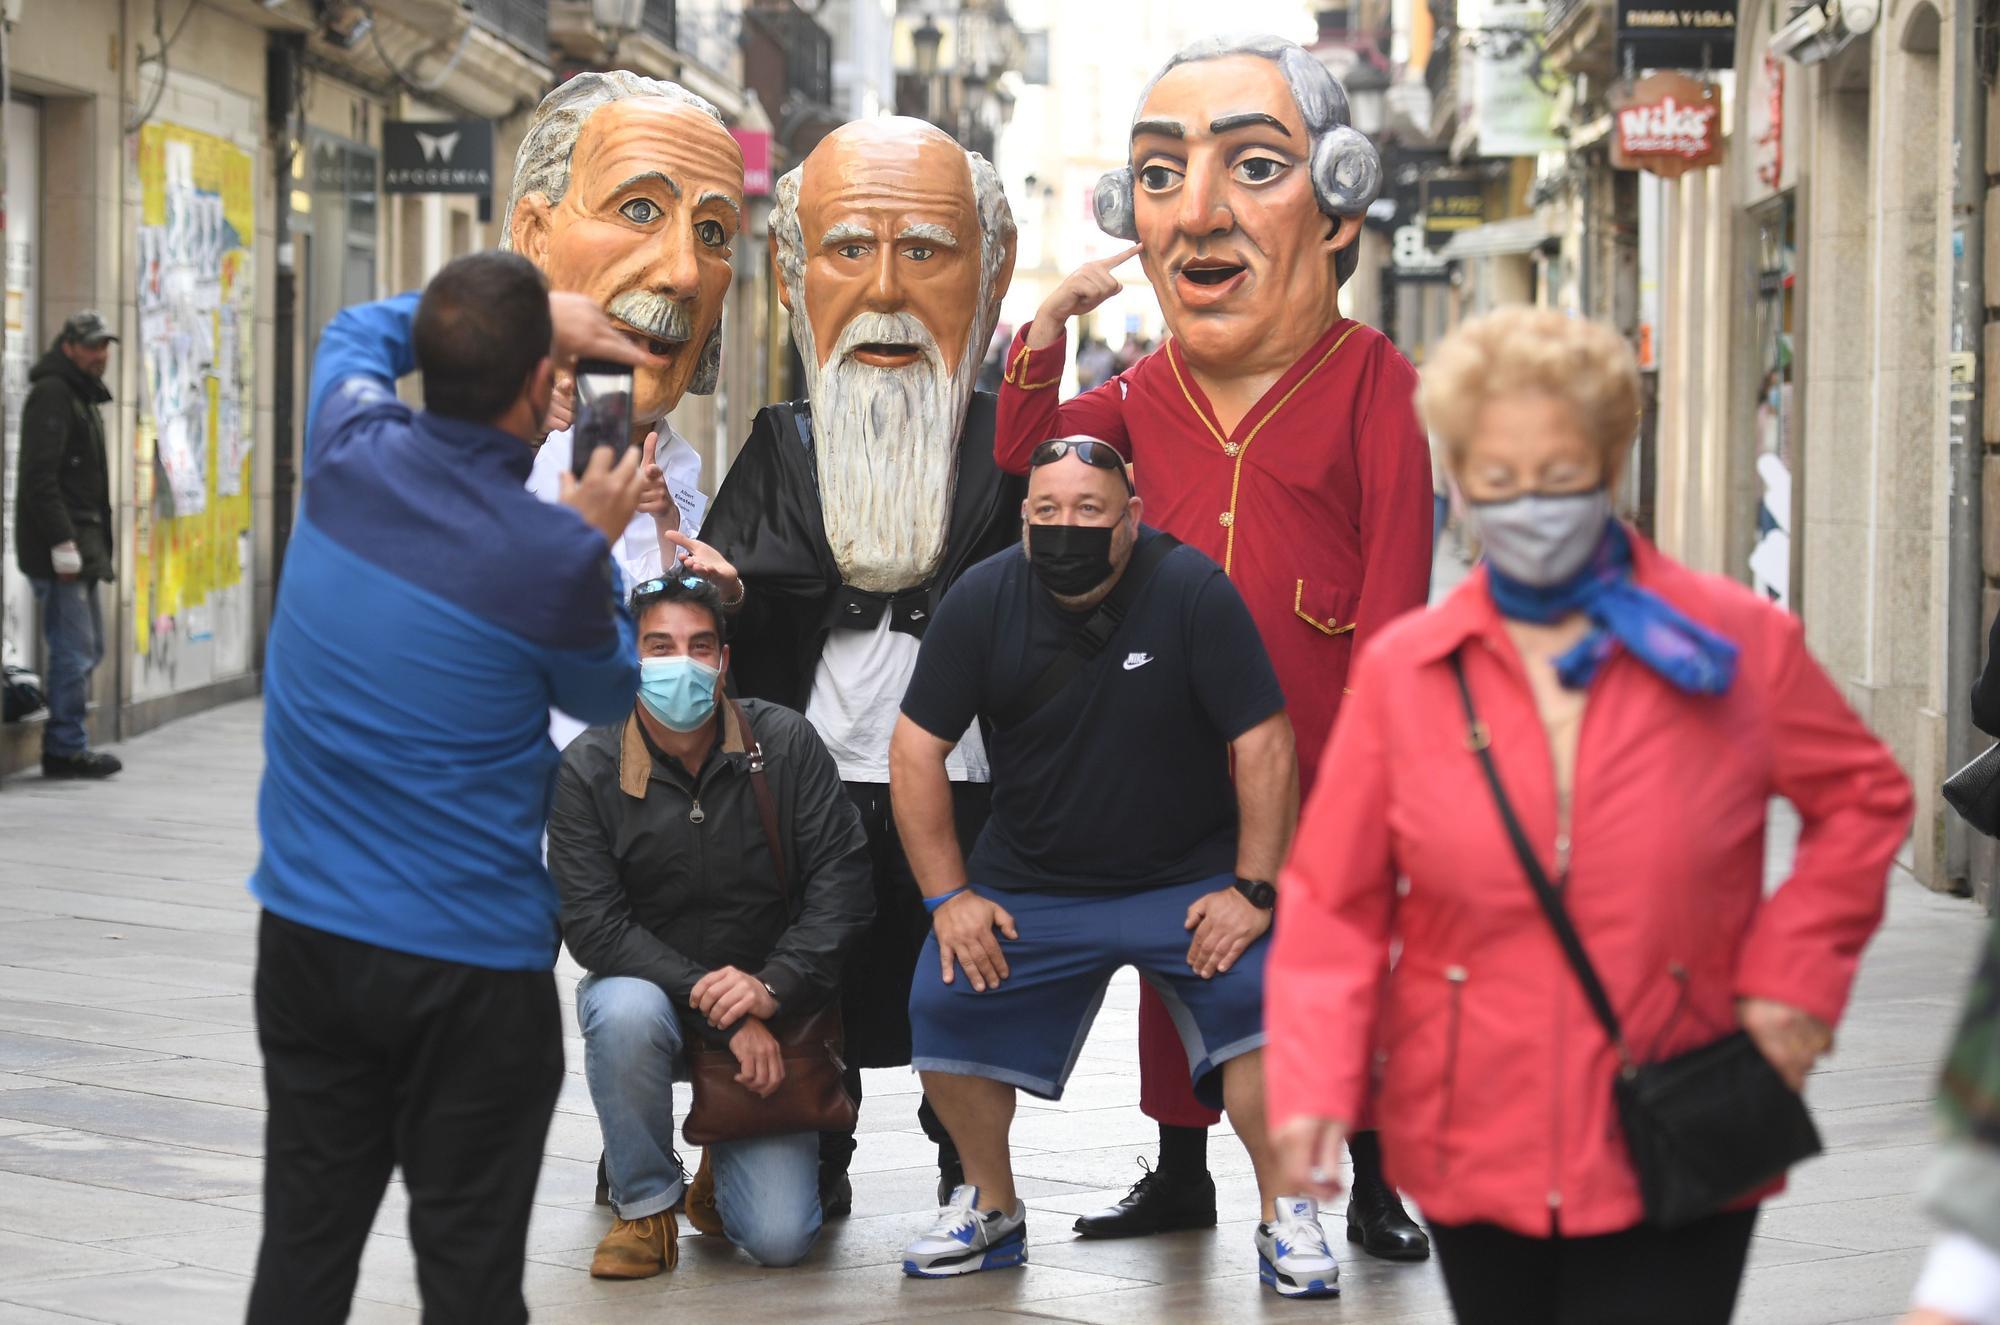 Día de la Ciencia en la calle en A Coruña